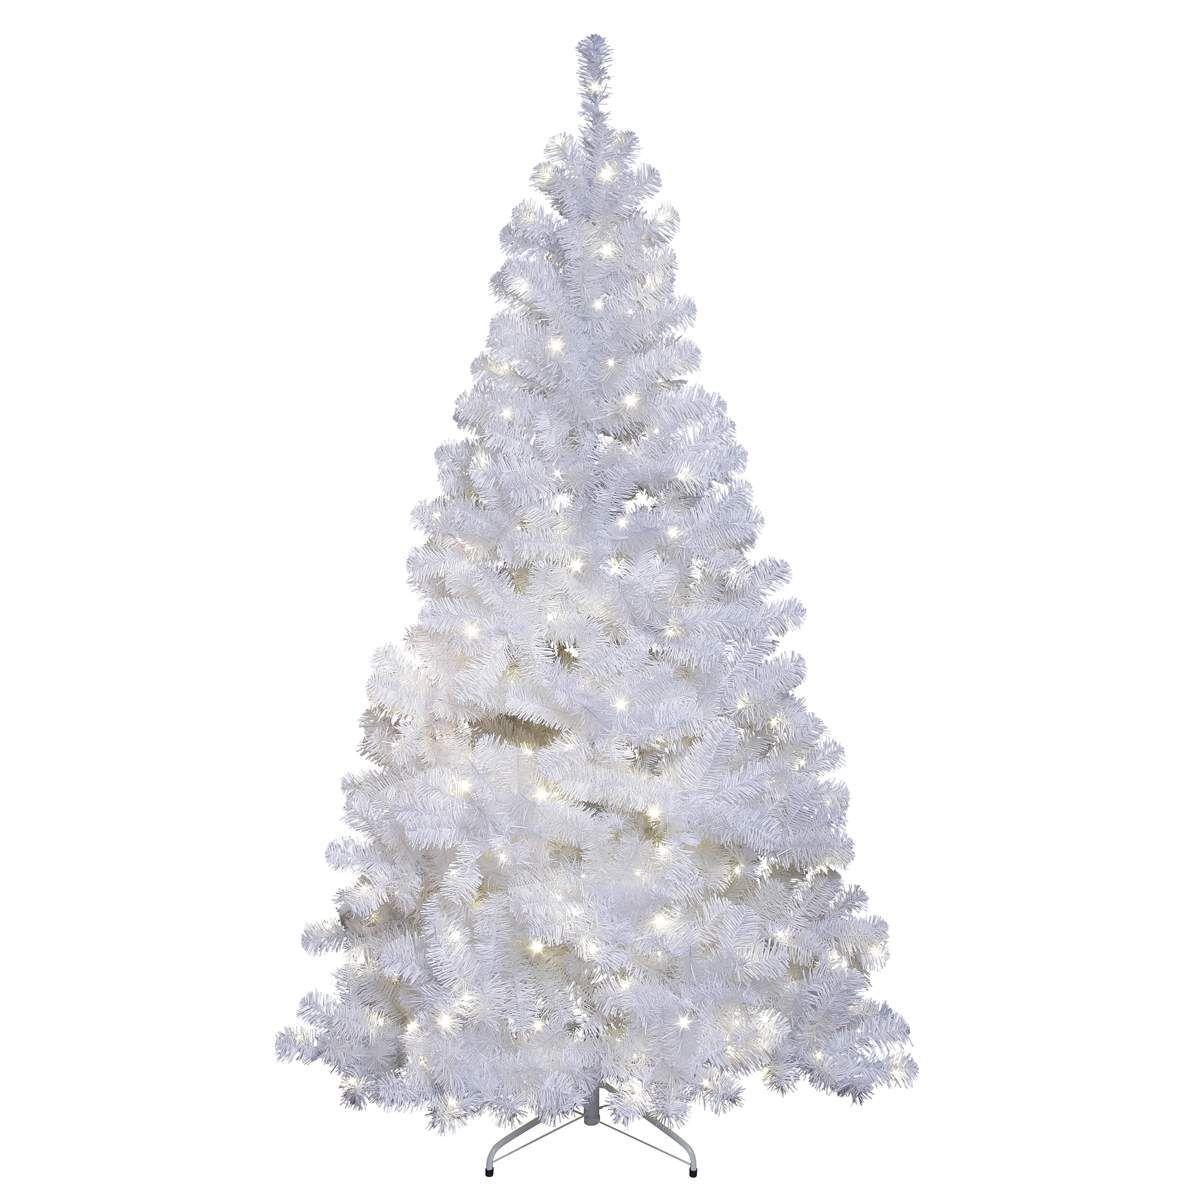 White Led Fir Tree Ottawa For Outdoor 2 1m 260led 260led Ottawa Outdoor White New In 2020 White Artificial Christmas Tree Led Christmas Tree Led Tree